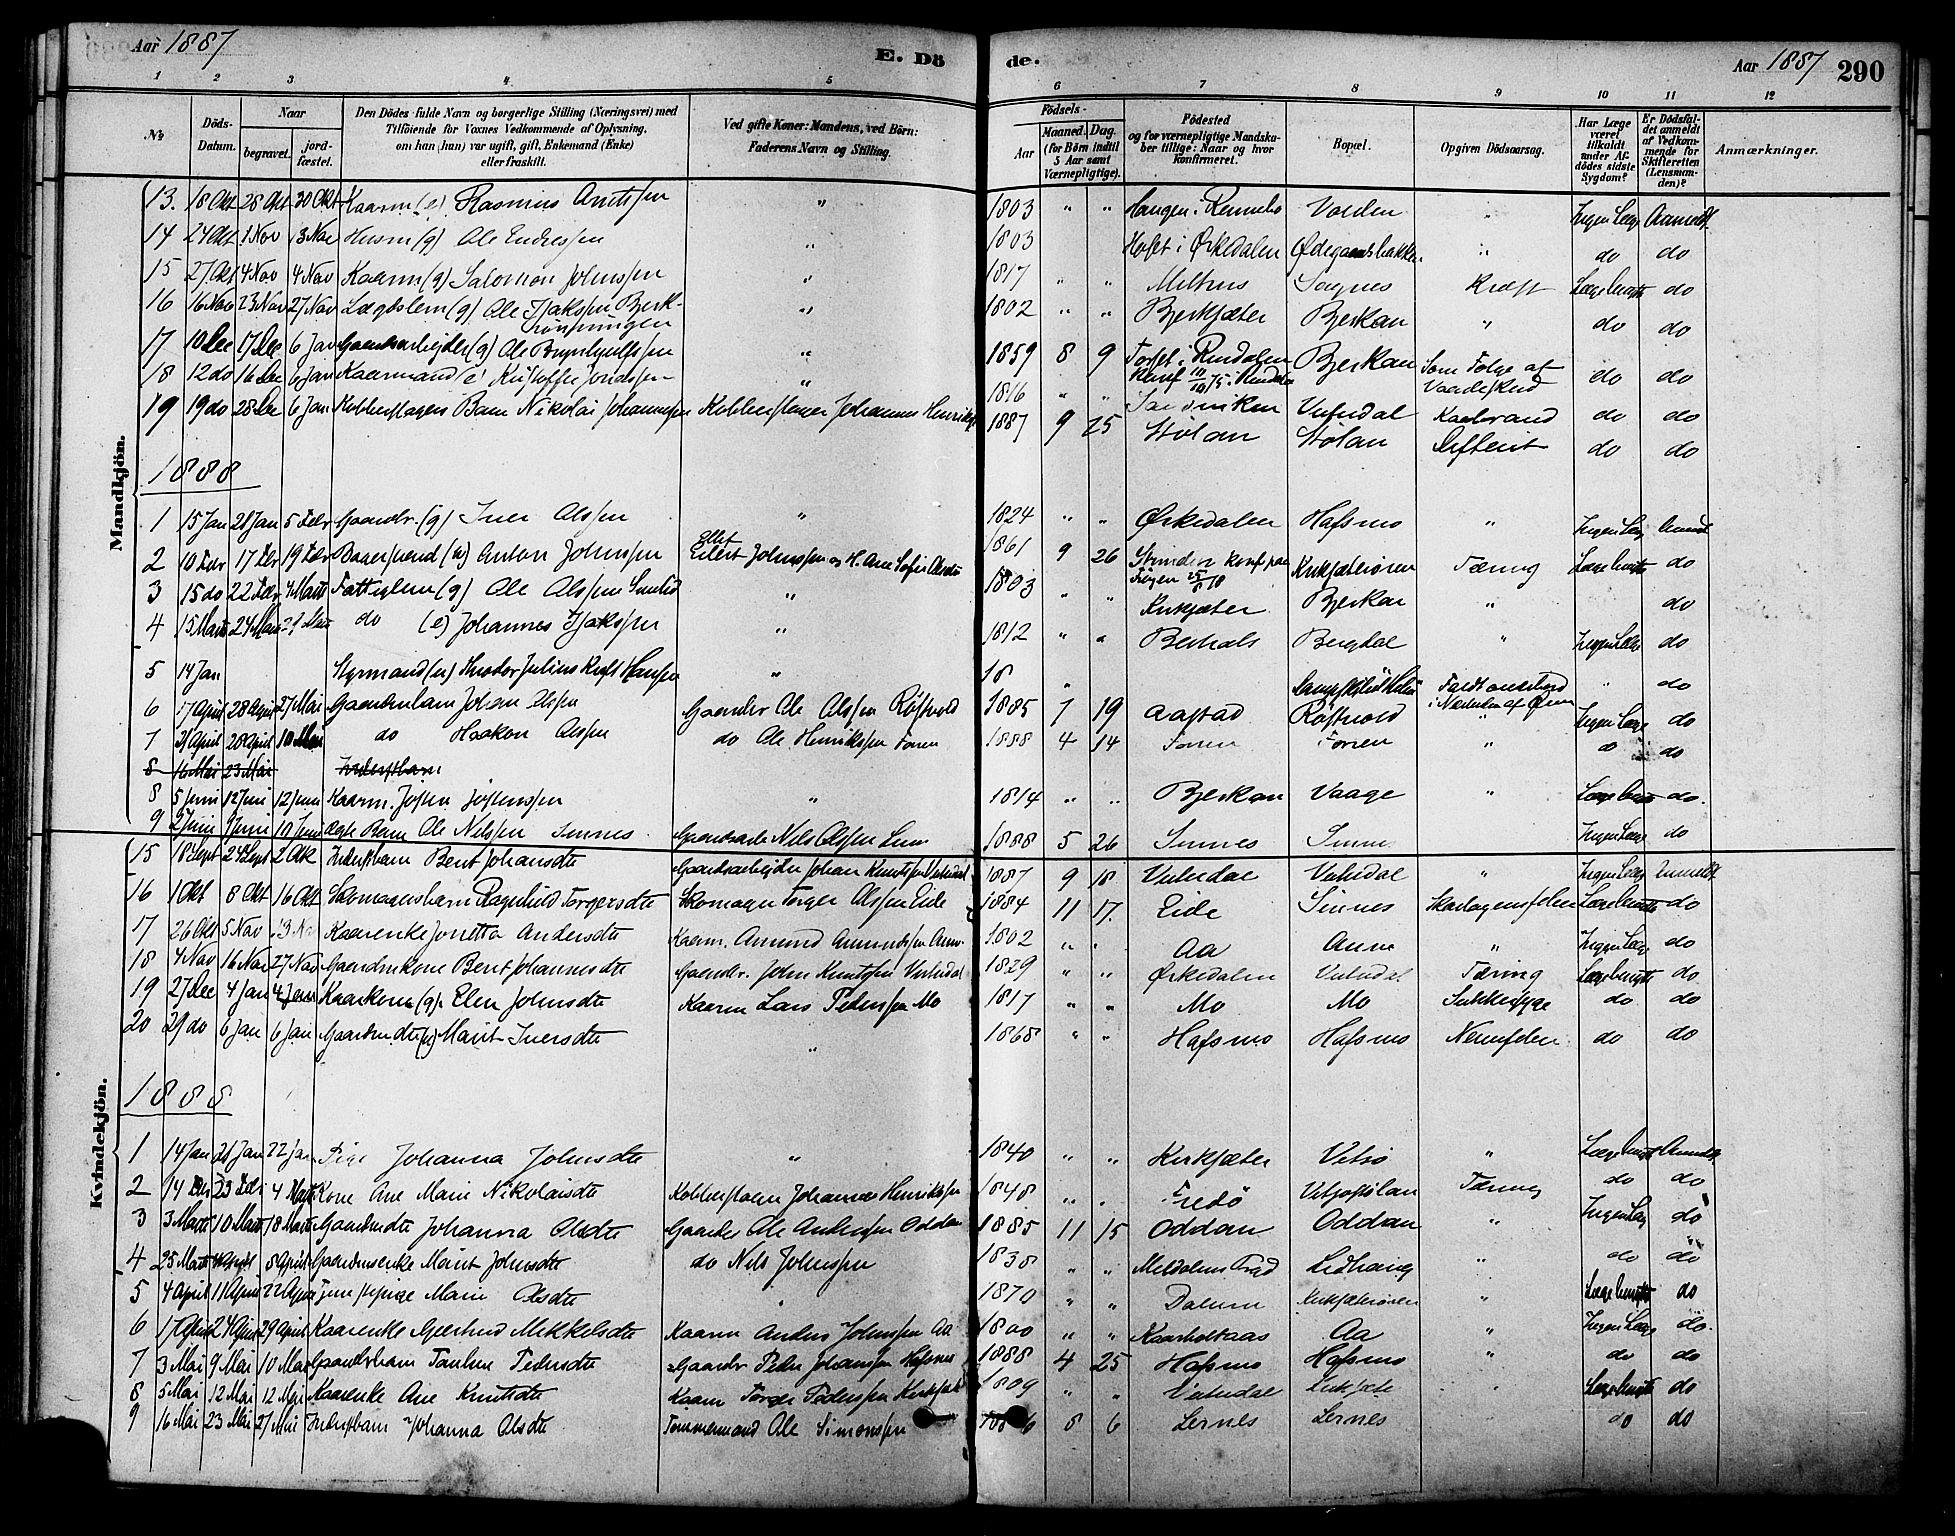 SAT, Ministerialprotokoller, klokkerbøker og fødselsregistre - Sør-Trøndelag, 630/L0496: Ministerialbok nr. 630A09, 1879-1895, s. 290